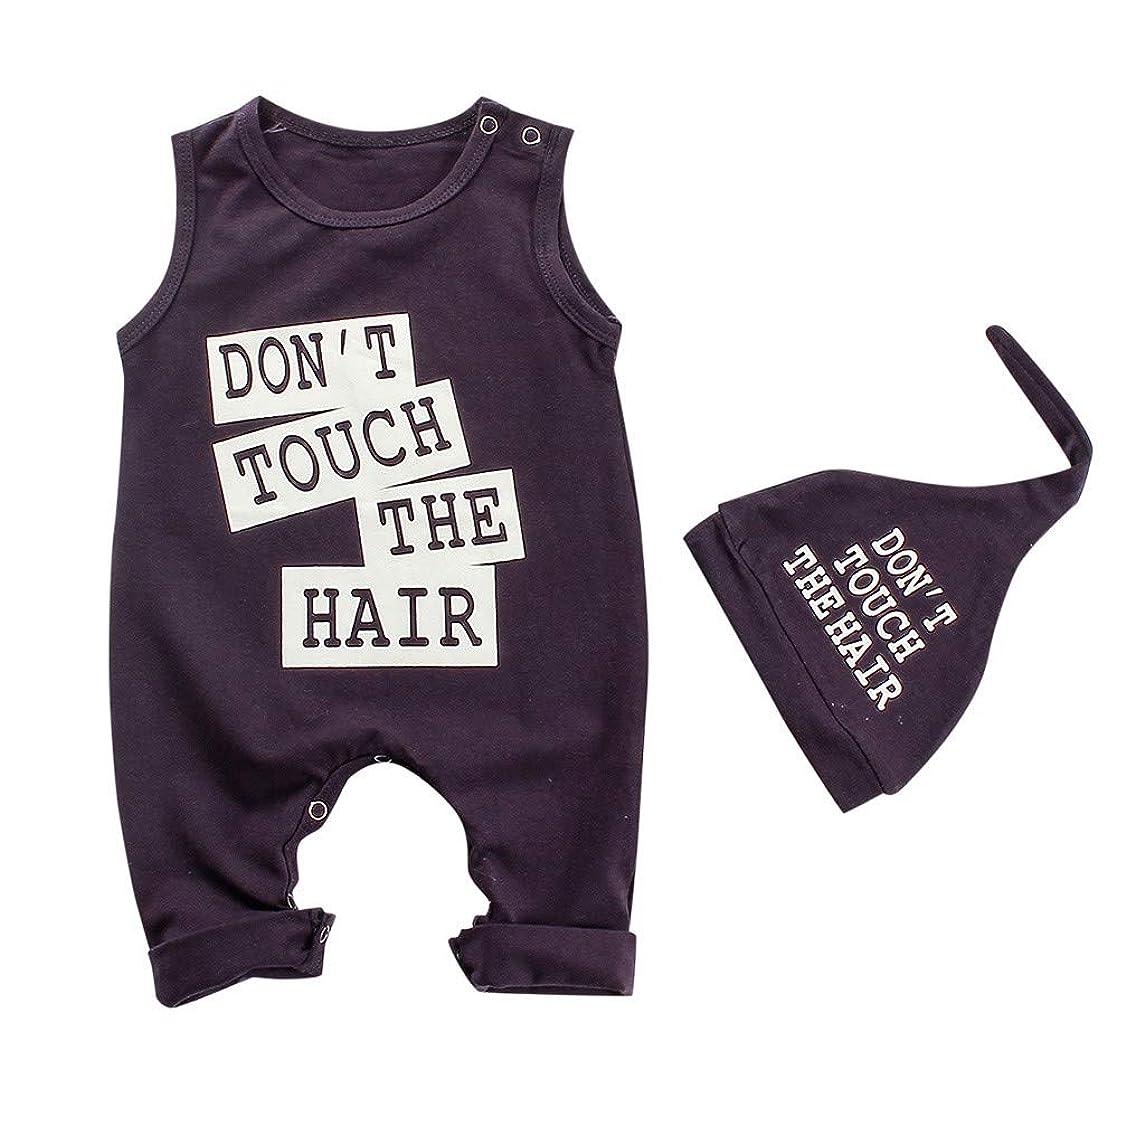 Newborn Baby Boy Girl Clothes Bodysuit Letter Print Romper+Hat 2PCS Outfits Set Romper Jumpsuit Set 0M-24M